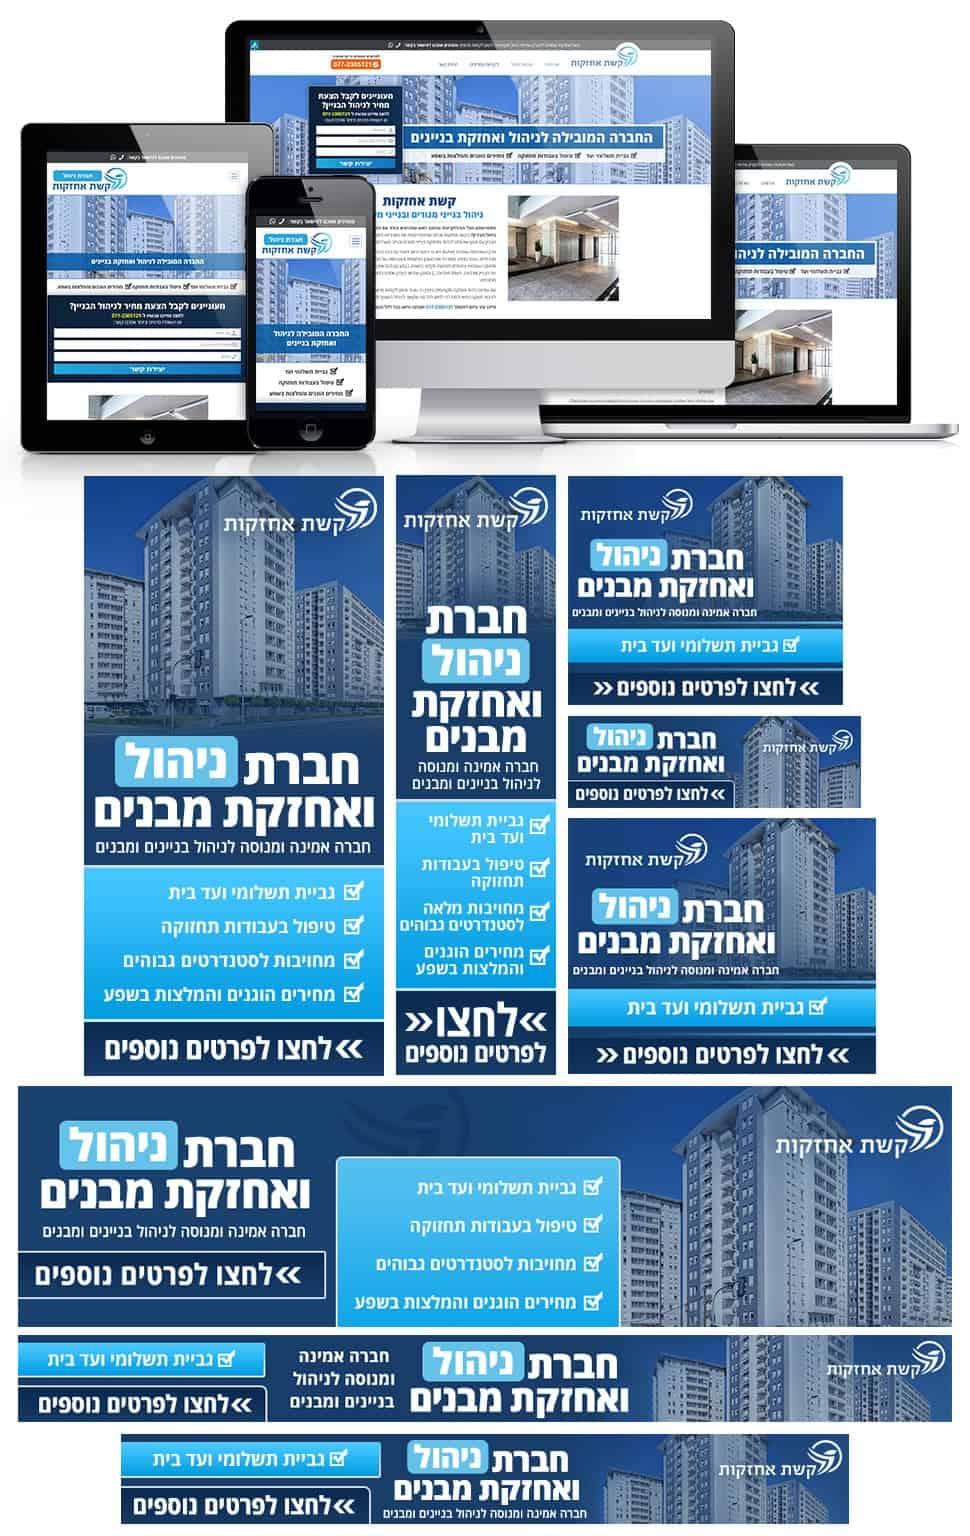 פרסום לעסק של אחזקת בניינים ומבנים